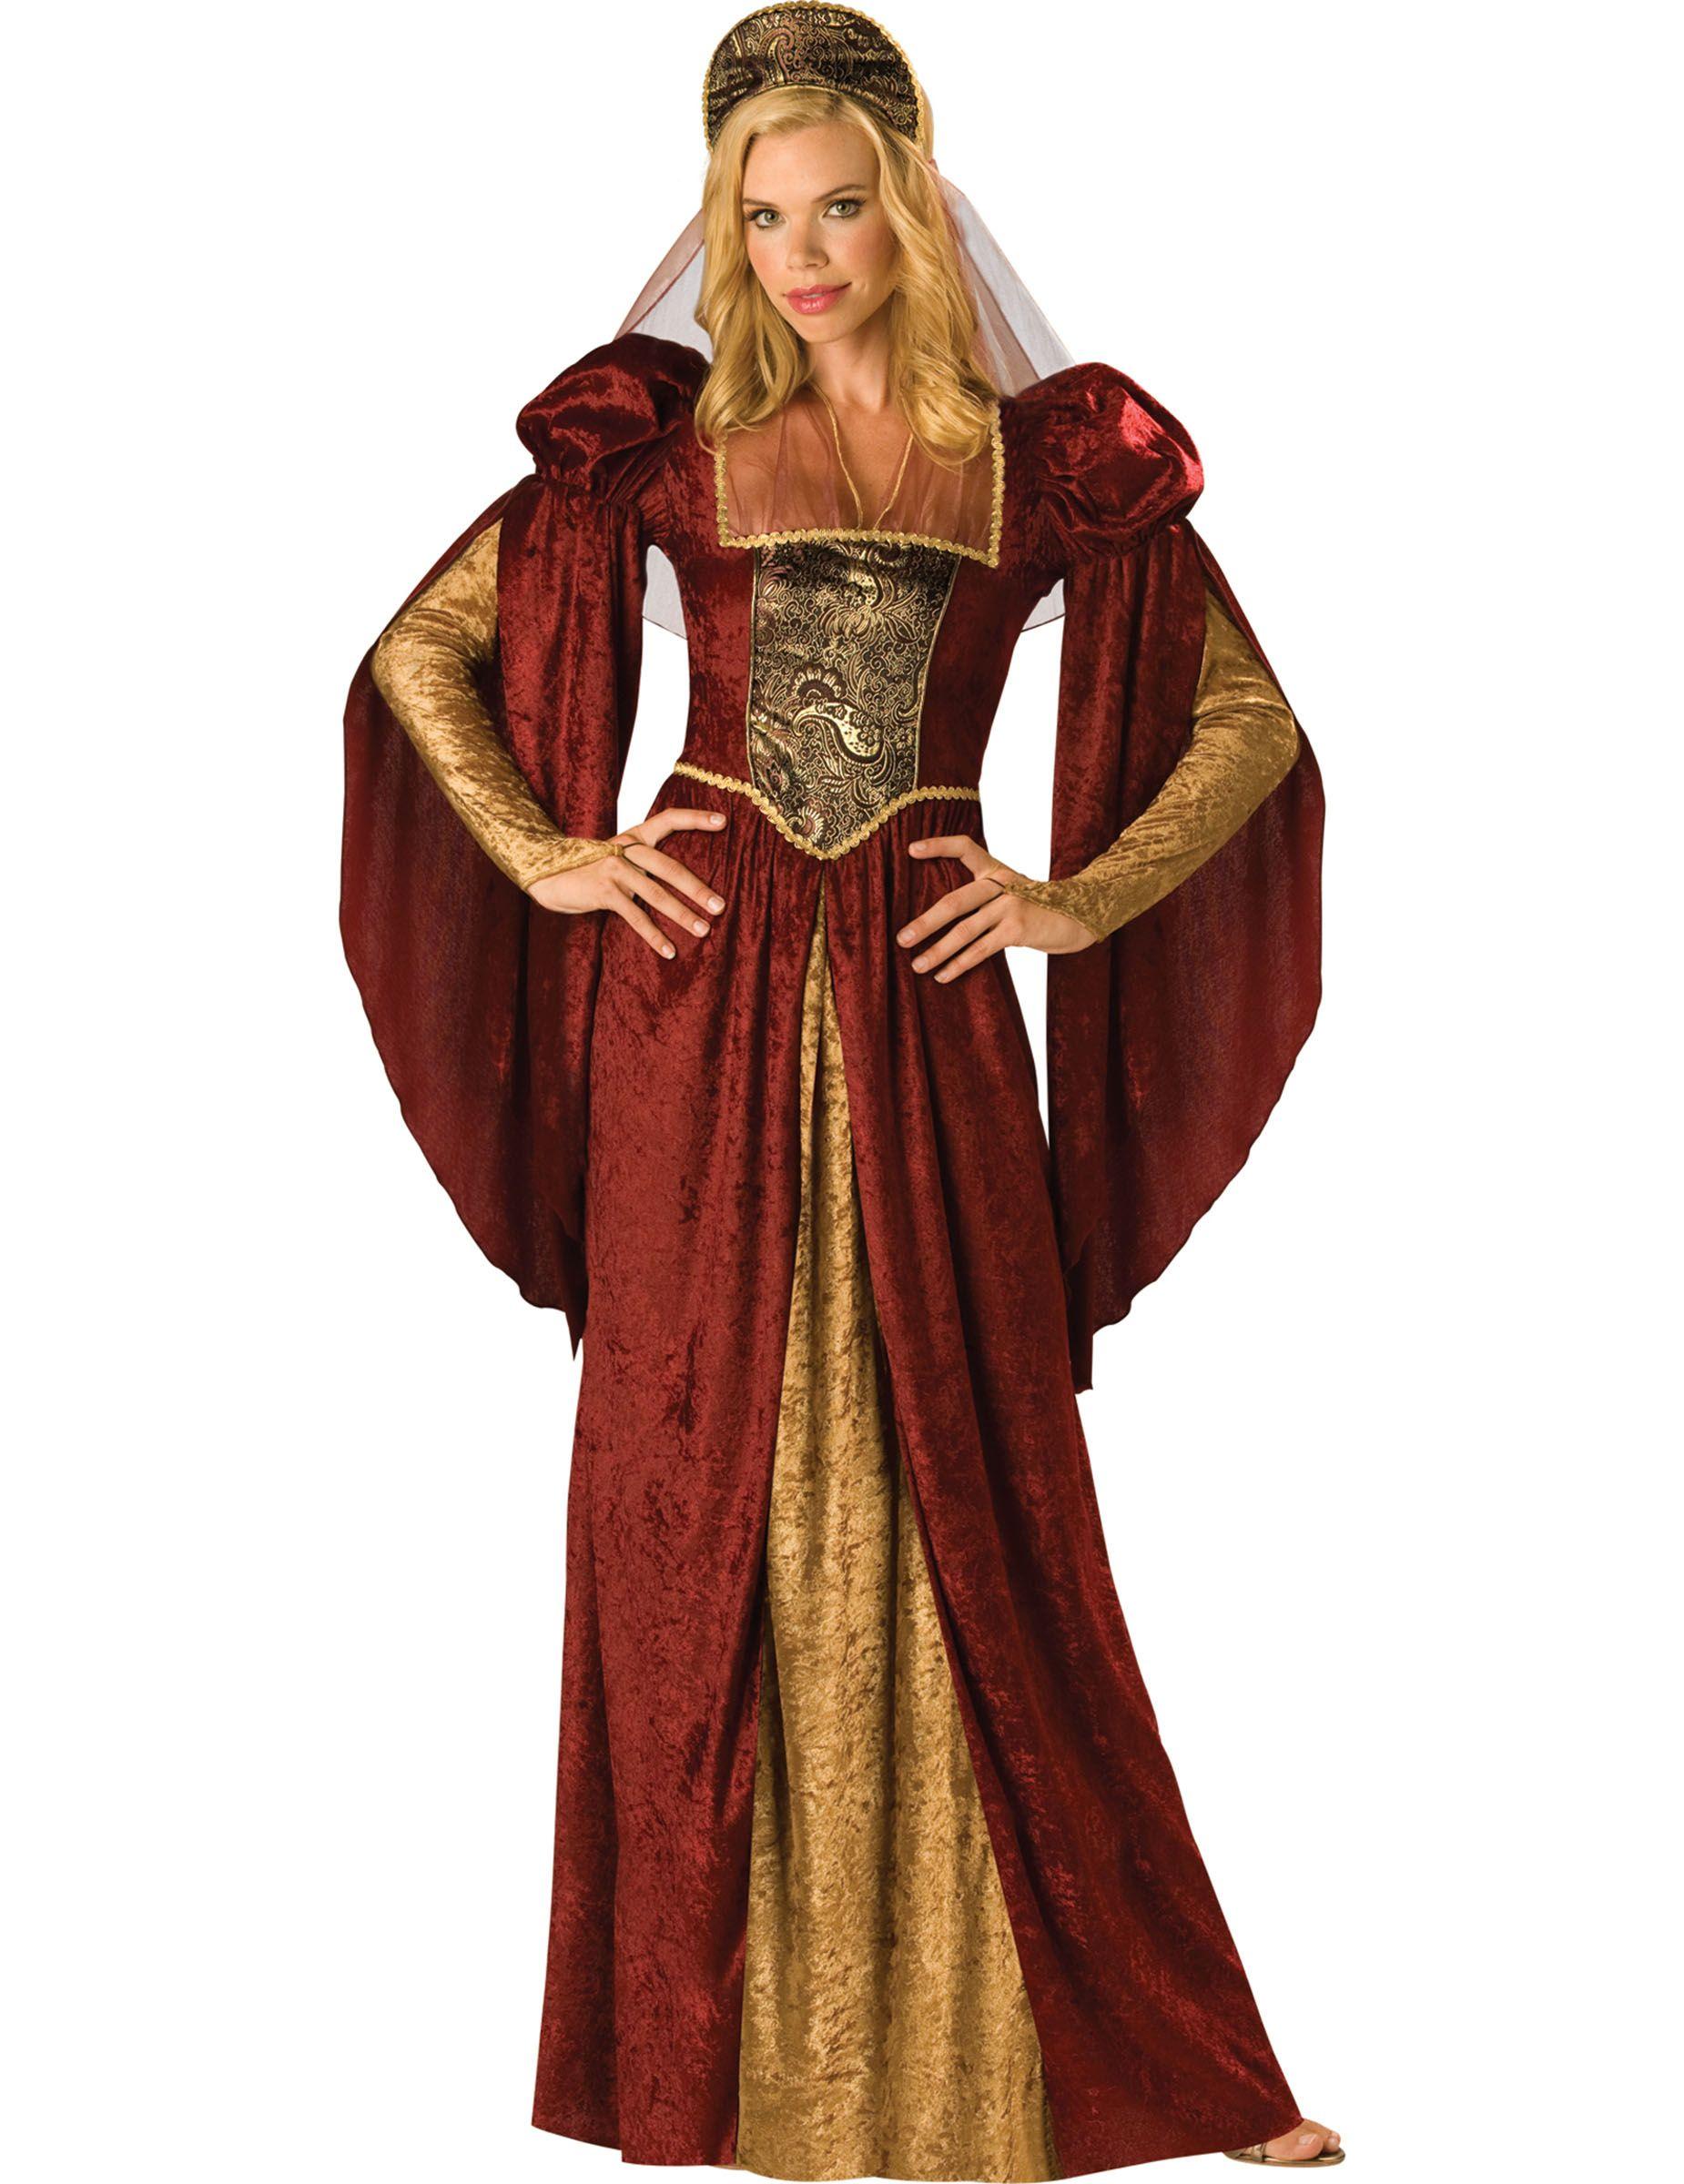 De mooiste verkleedkleding voor dames is te bestellen bij Vegaoo.nl! Bestel snel deze Renaissance outfit voor dames op onze webwinkel